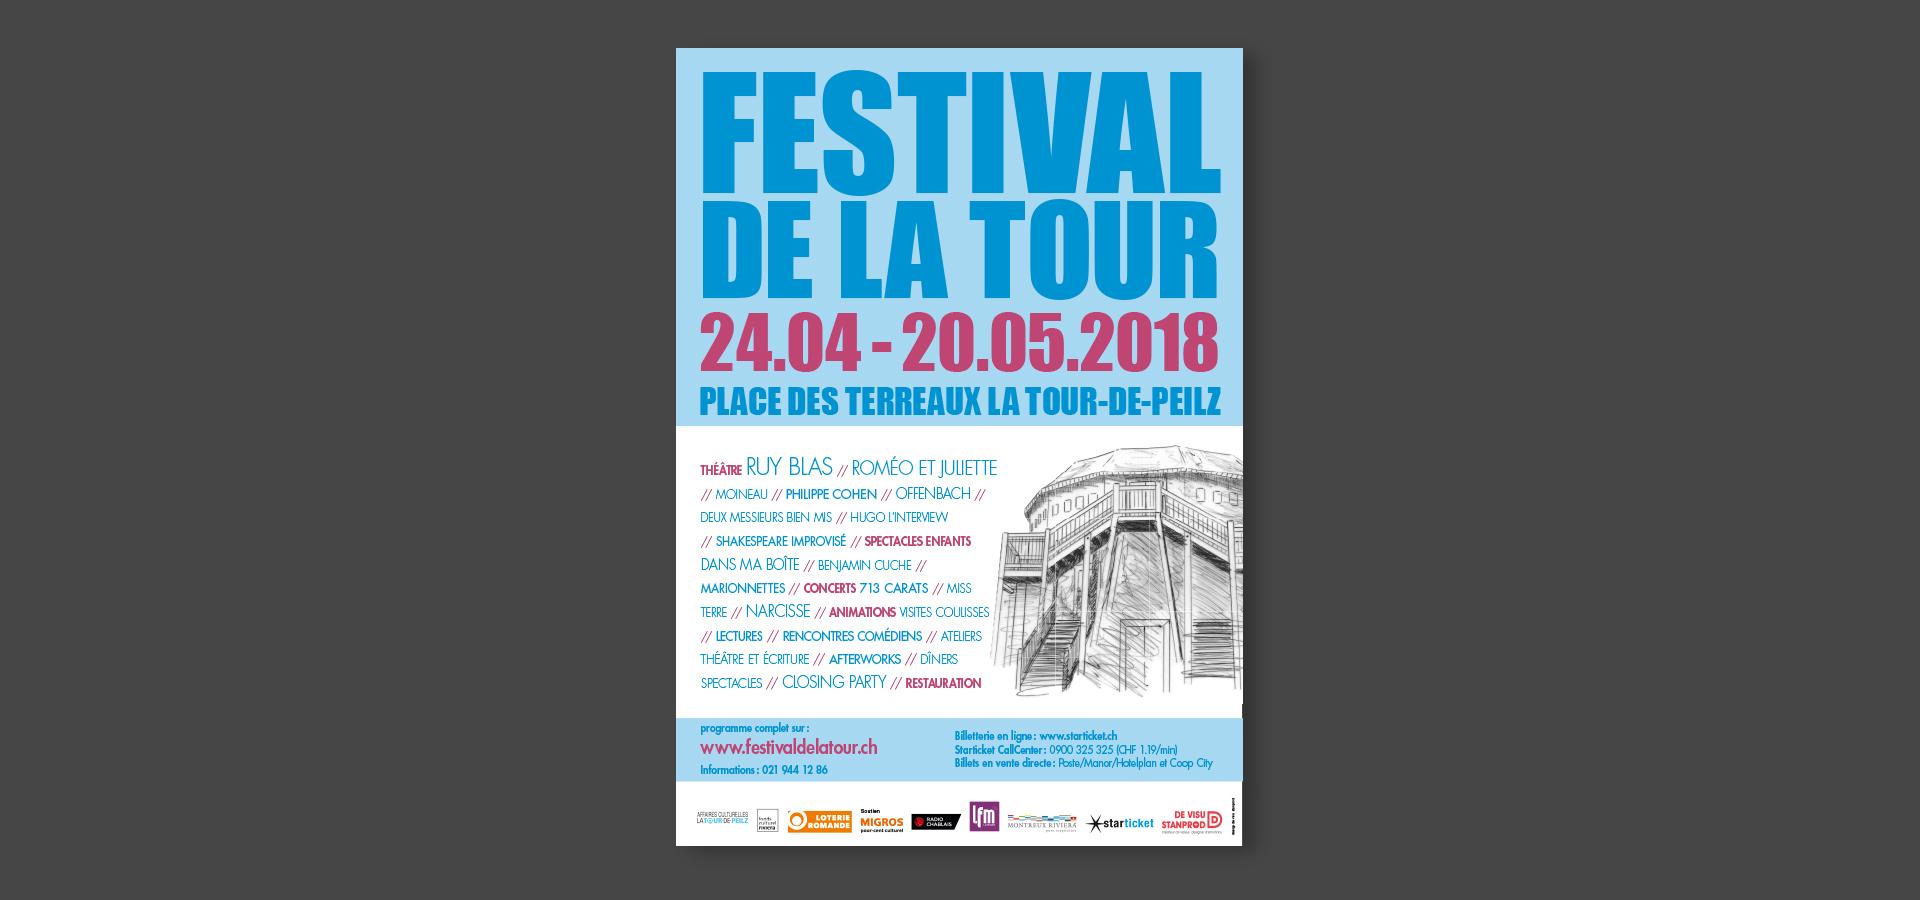 Affiche pour le Festival de la Tour